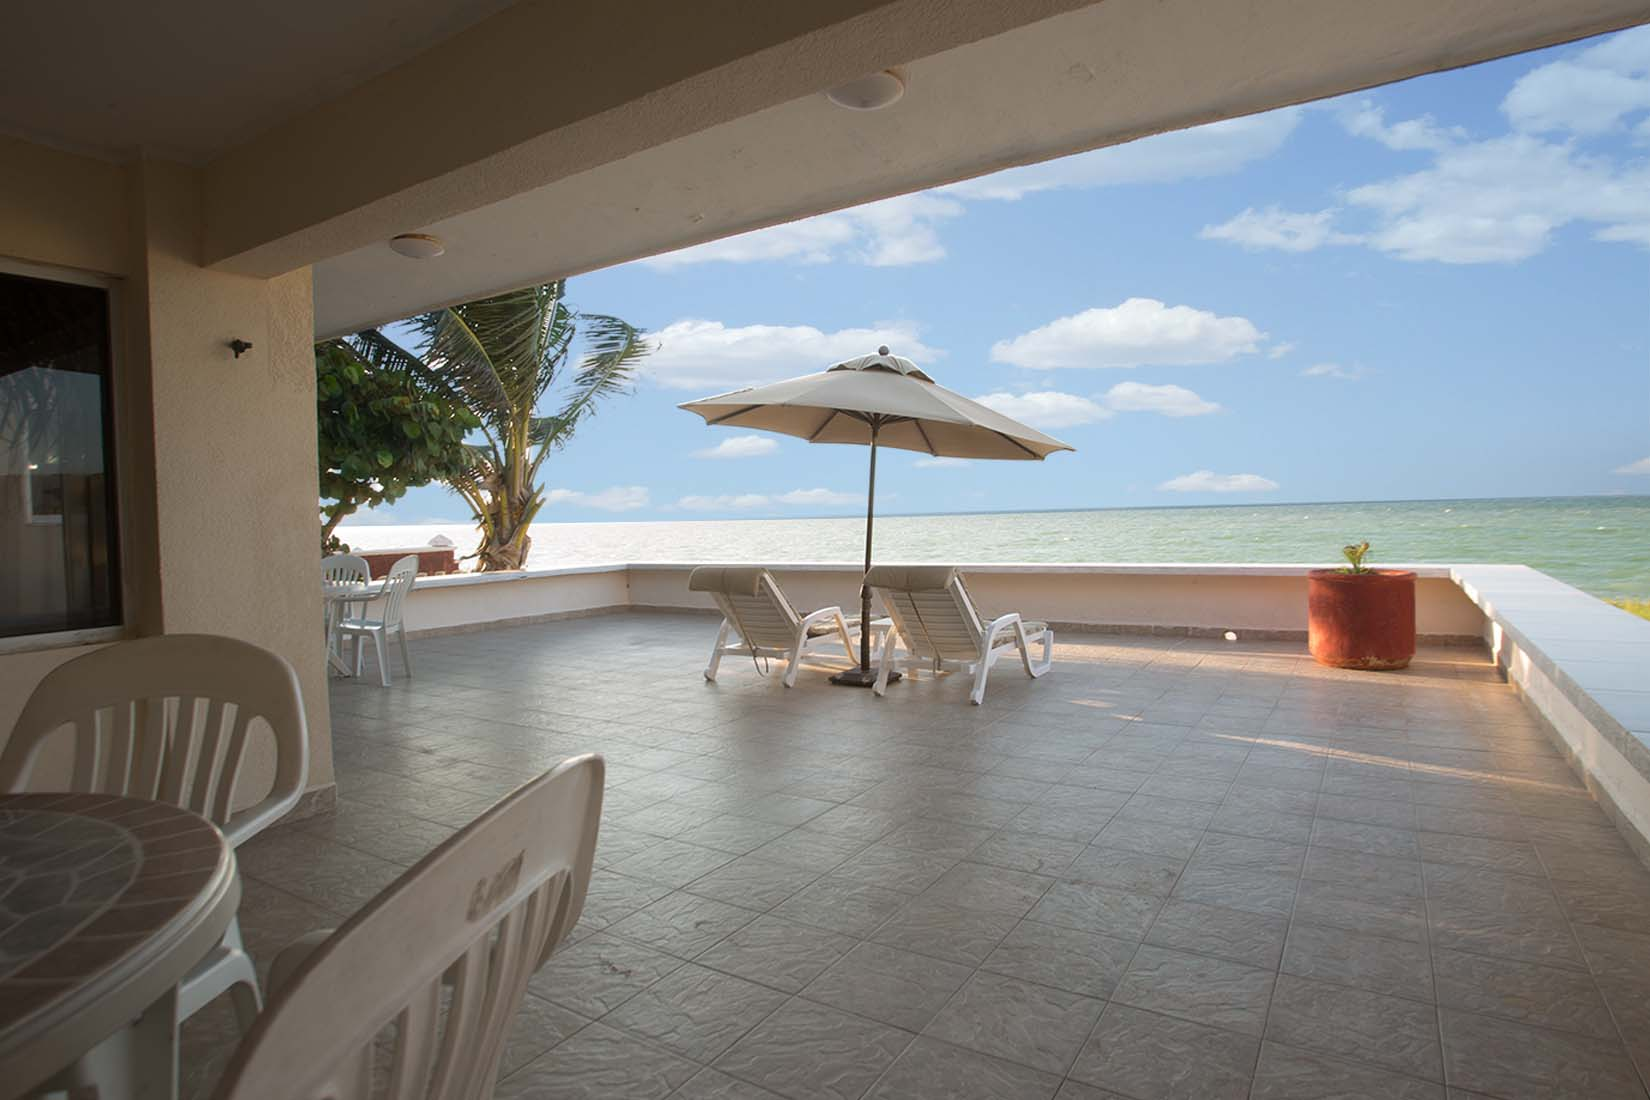 Escape the winter in the Yucatan Mexico!